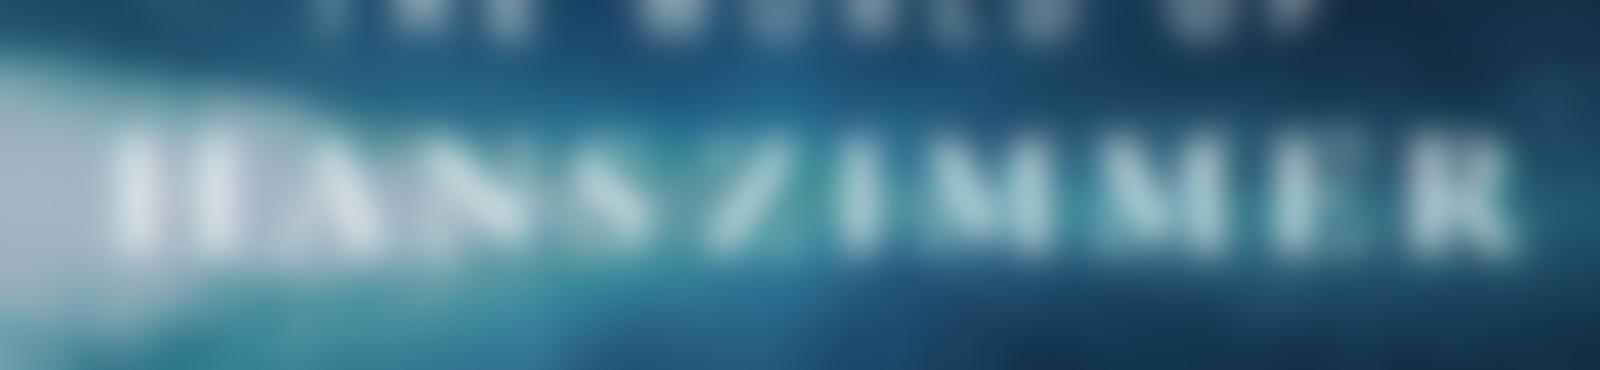 Blurred 4b262667 5e7f 4f31 b99c d461dd4a4f68